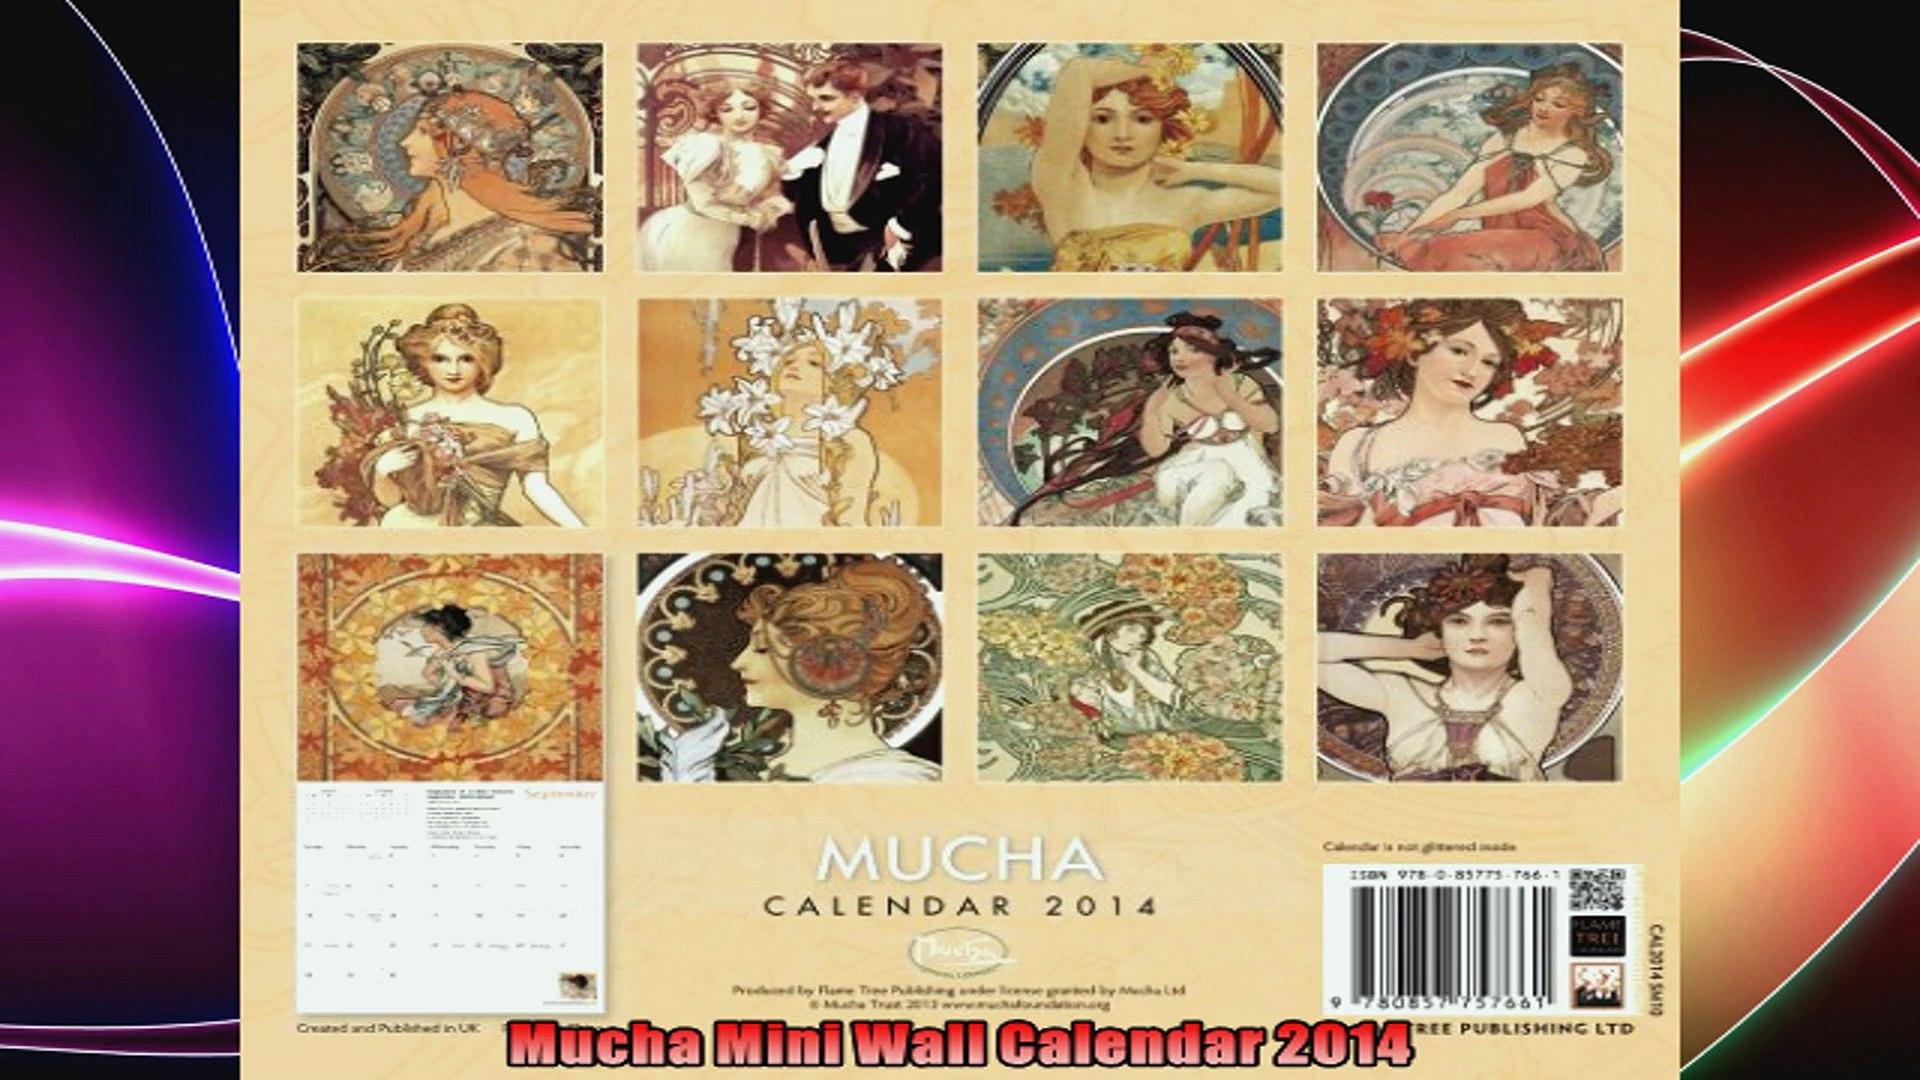 2012 Alphonse Mucha Wall Calendar